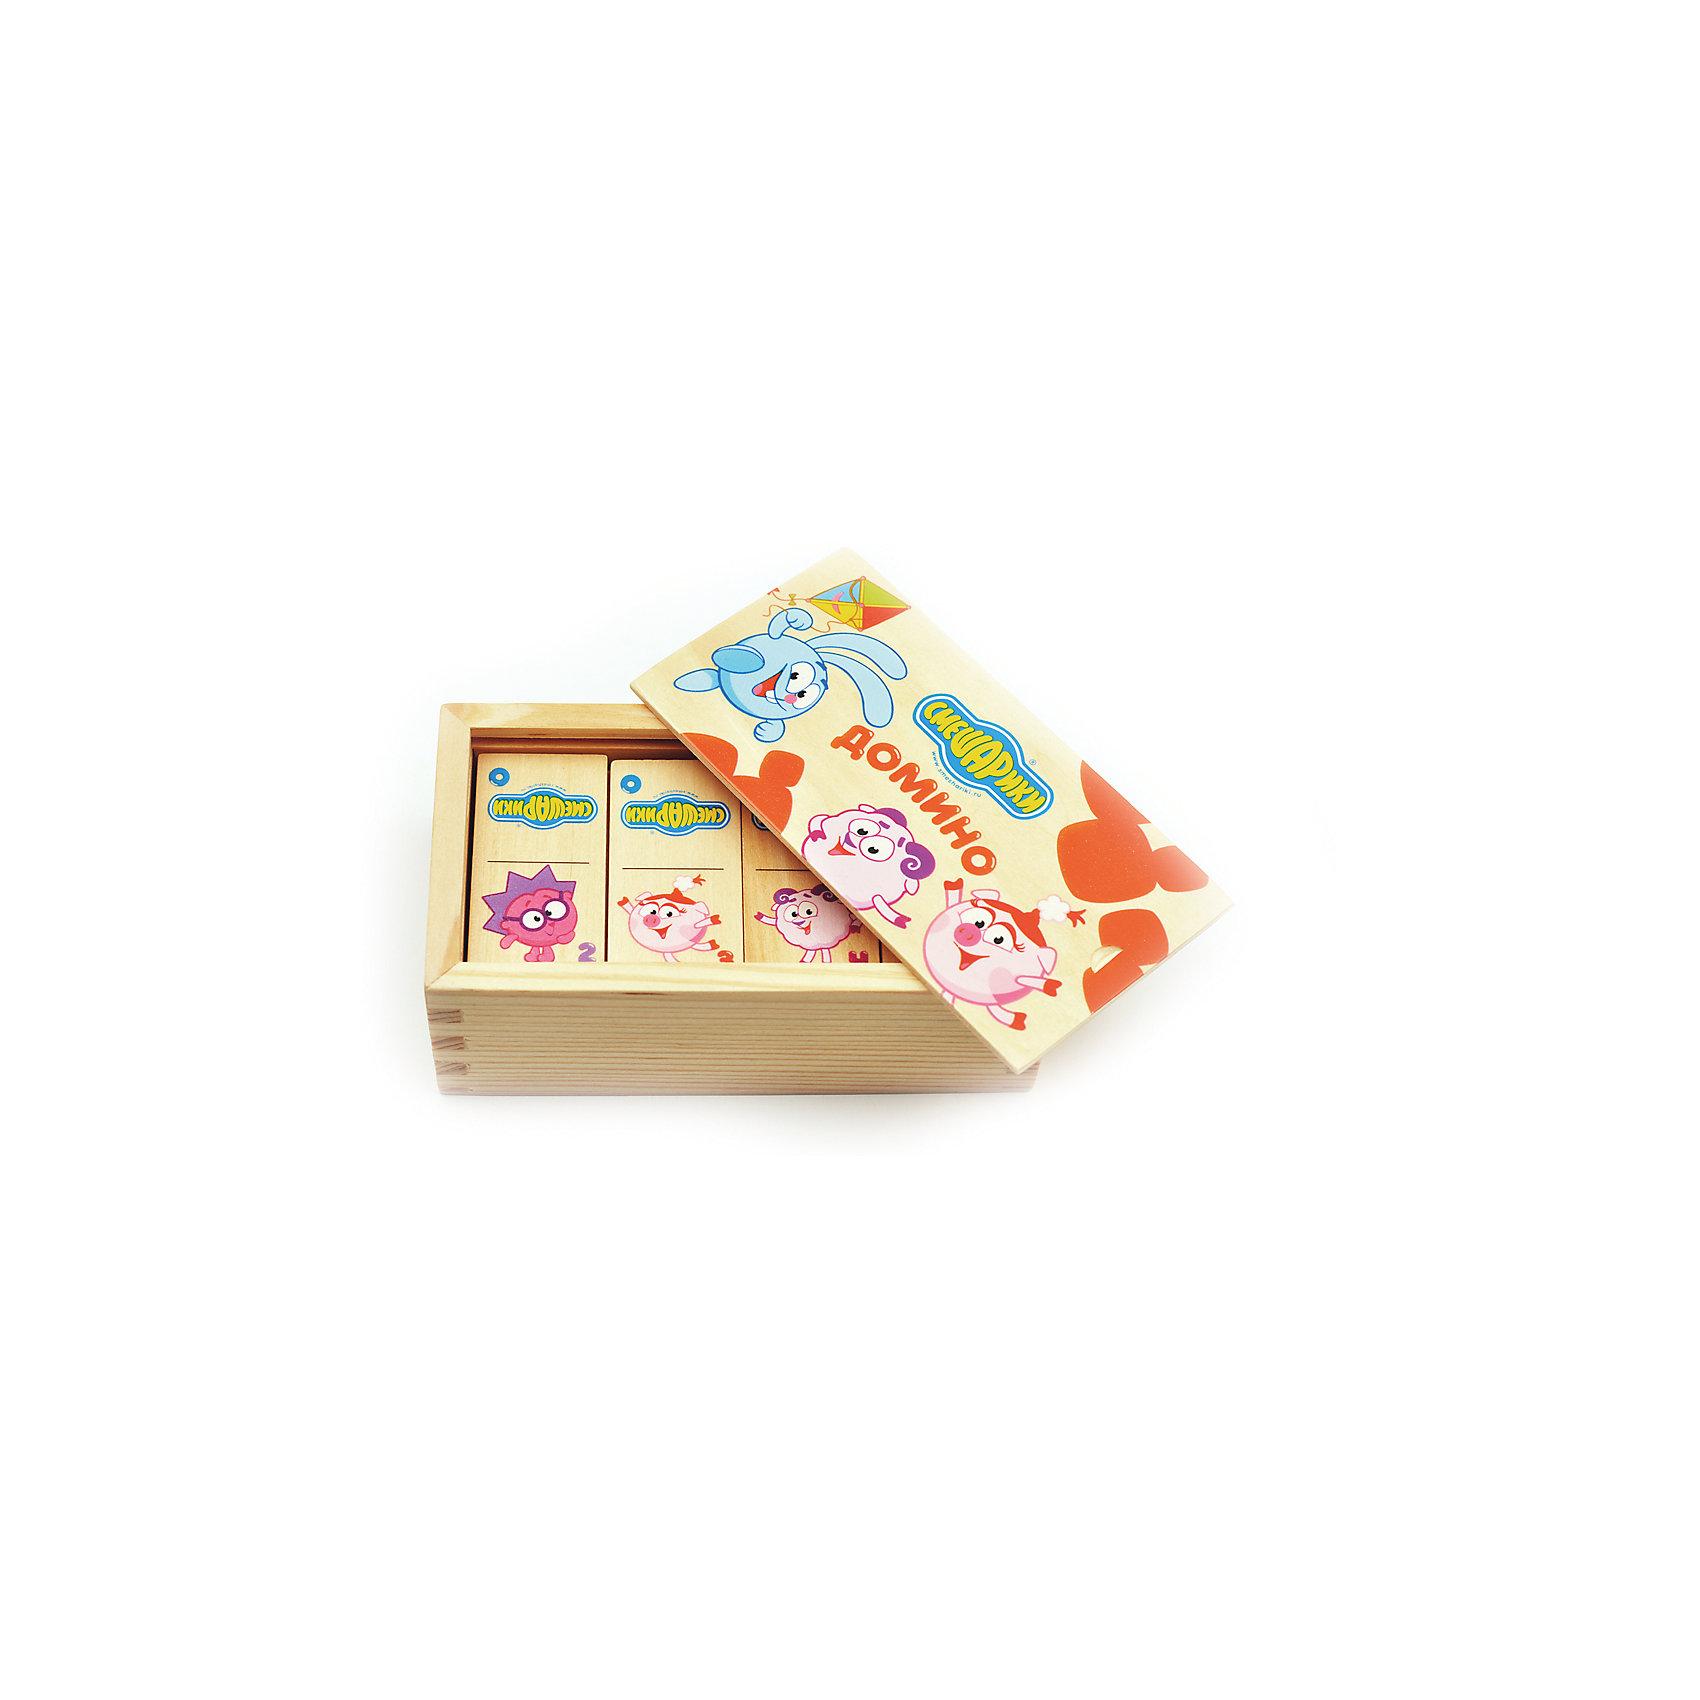 Домино Смешарики, Мир деревянных игрушекДомино Смешарики – игра из детства с современными героями!<br>Домино – это не только интересный досуг, но и развивающая игра для самых маленьких. Благодаря качественной натуральной древесине игра безопасна для детей любого возраста. Яркие цветные картинки не тускнеют и будут радовать долгое время. Костяшки с героями Смешариков запакованы в удобный деревянный ящик с такими же красивыми картинками. <br><br>Дополнительная информация:<br>- размер: 140х80х50<br>- вес: 249г<br>- материал: дерево <br>- возраст: от 3 лет<br><br>Домино Смешарики можно купить в нашем интернет-магазине.<br><br>Ширина мм: 140<br>Глубина мм: 80<br>Высота мм: 50<br>Вес г: 249<br>Возраст от месяцев: 36<br>Возраст до месяцев: 2147483647<br>Пол: Унисекс<br>Возраст: Детский<br>SKU: 4895872